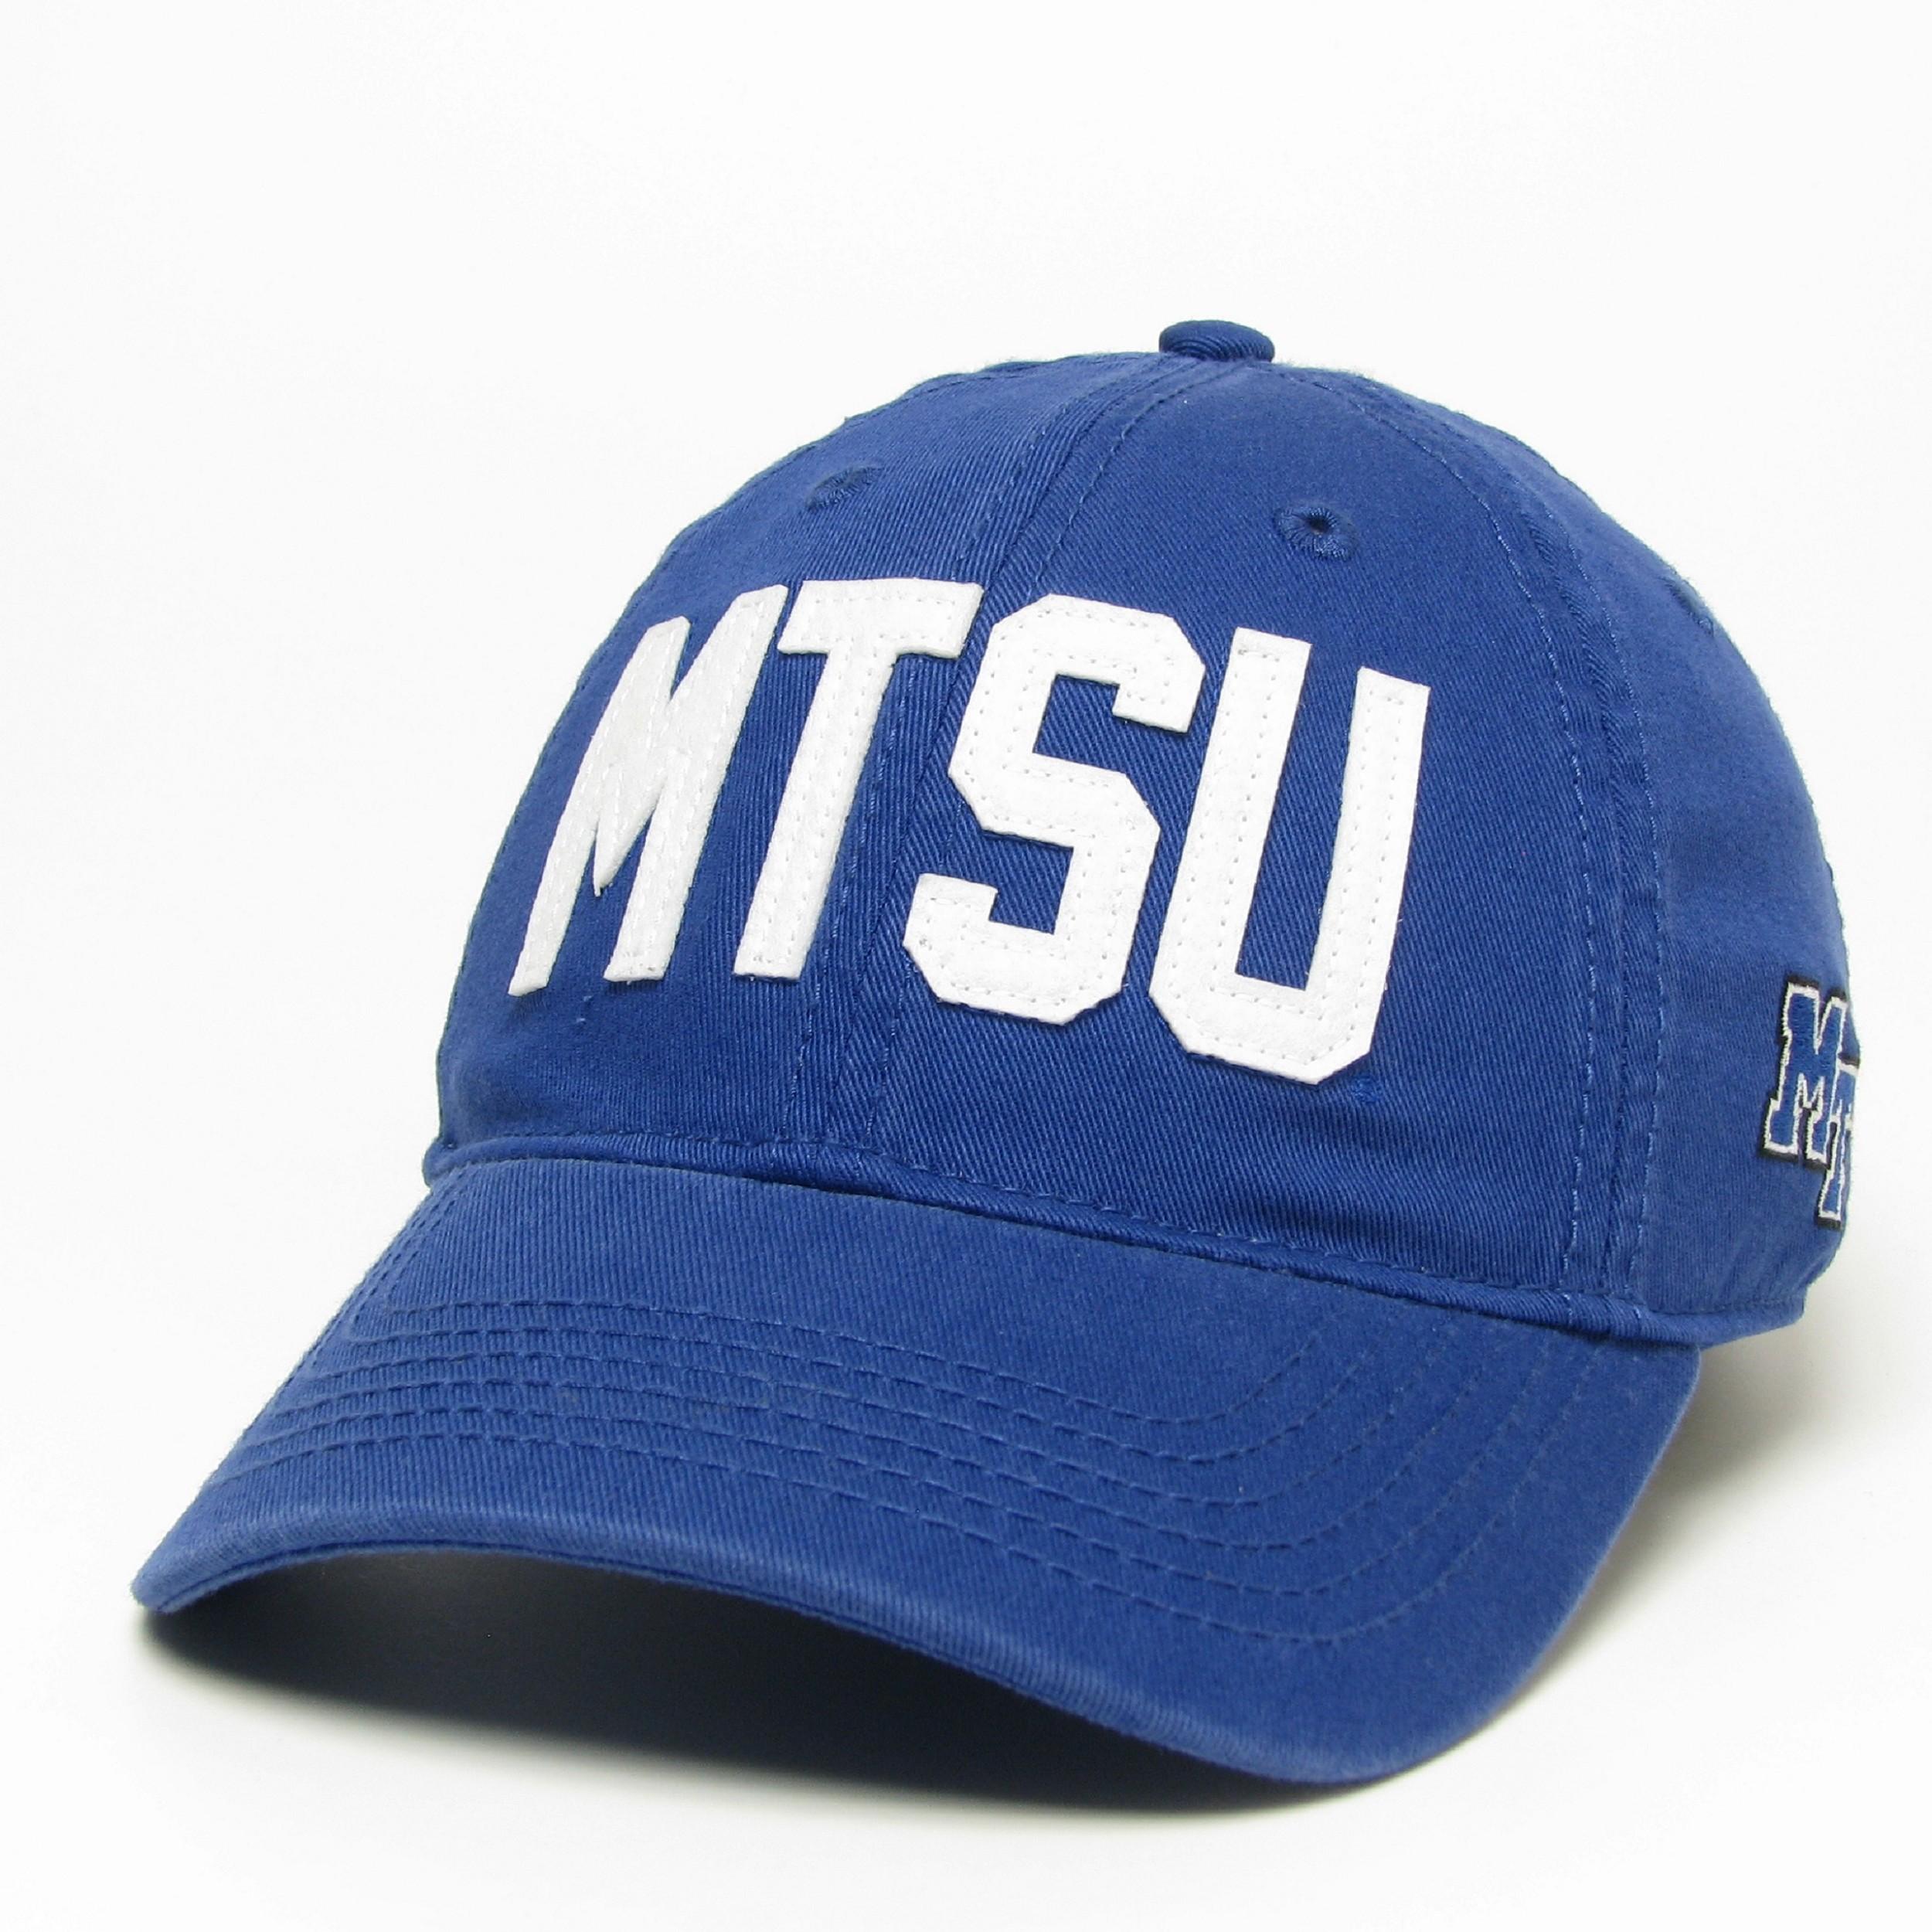 MTSU Stitched University Hat